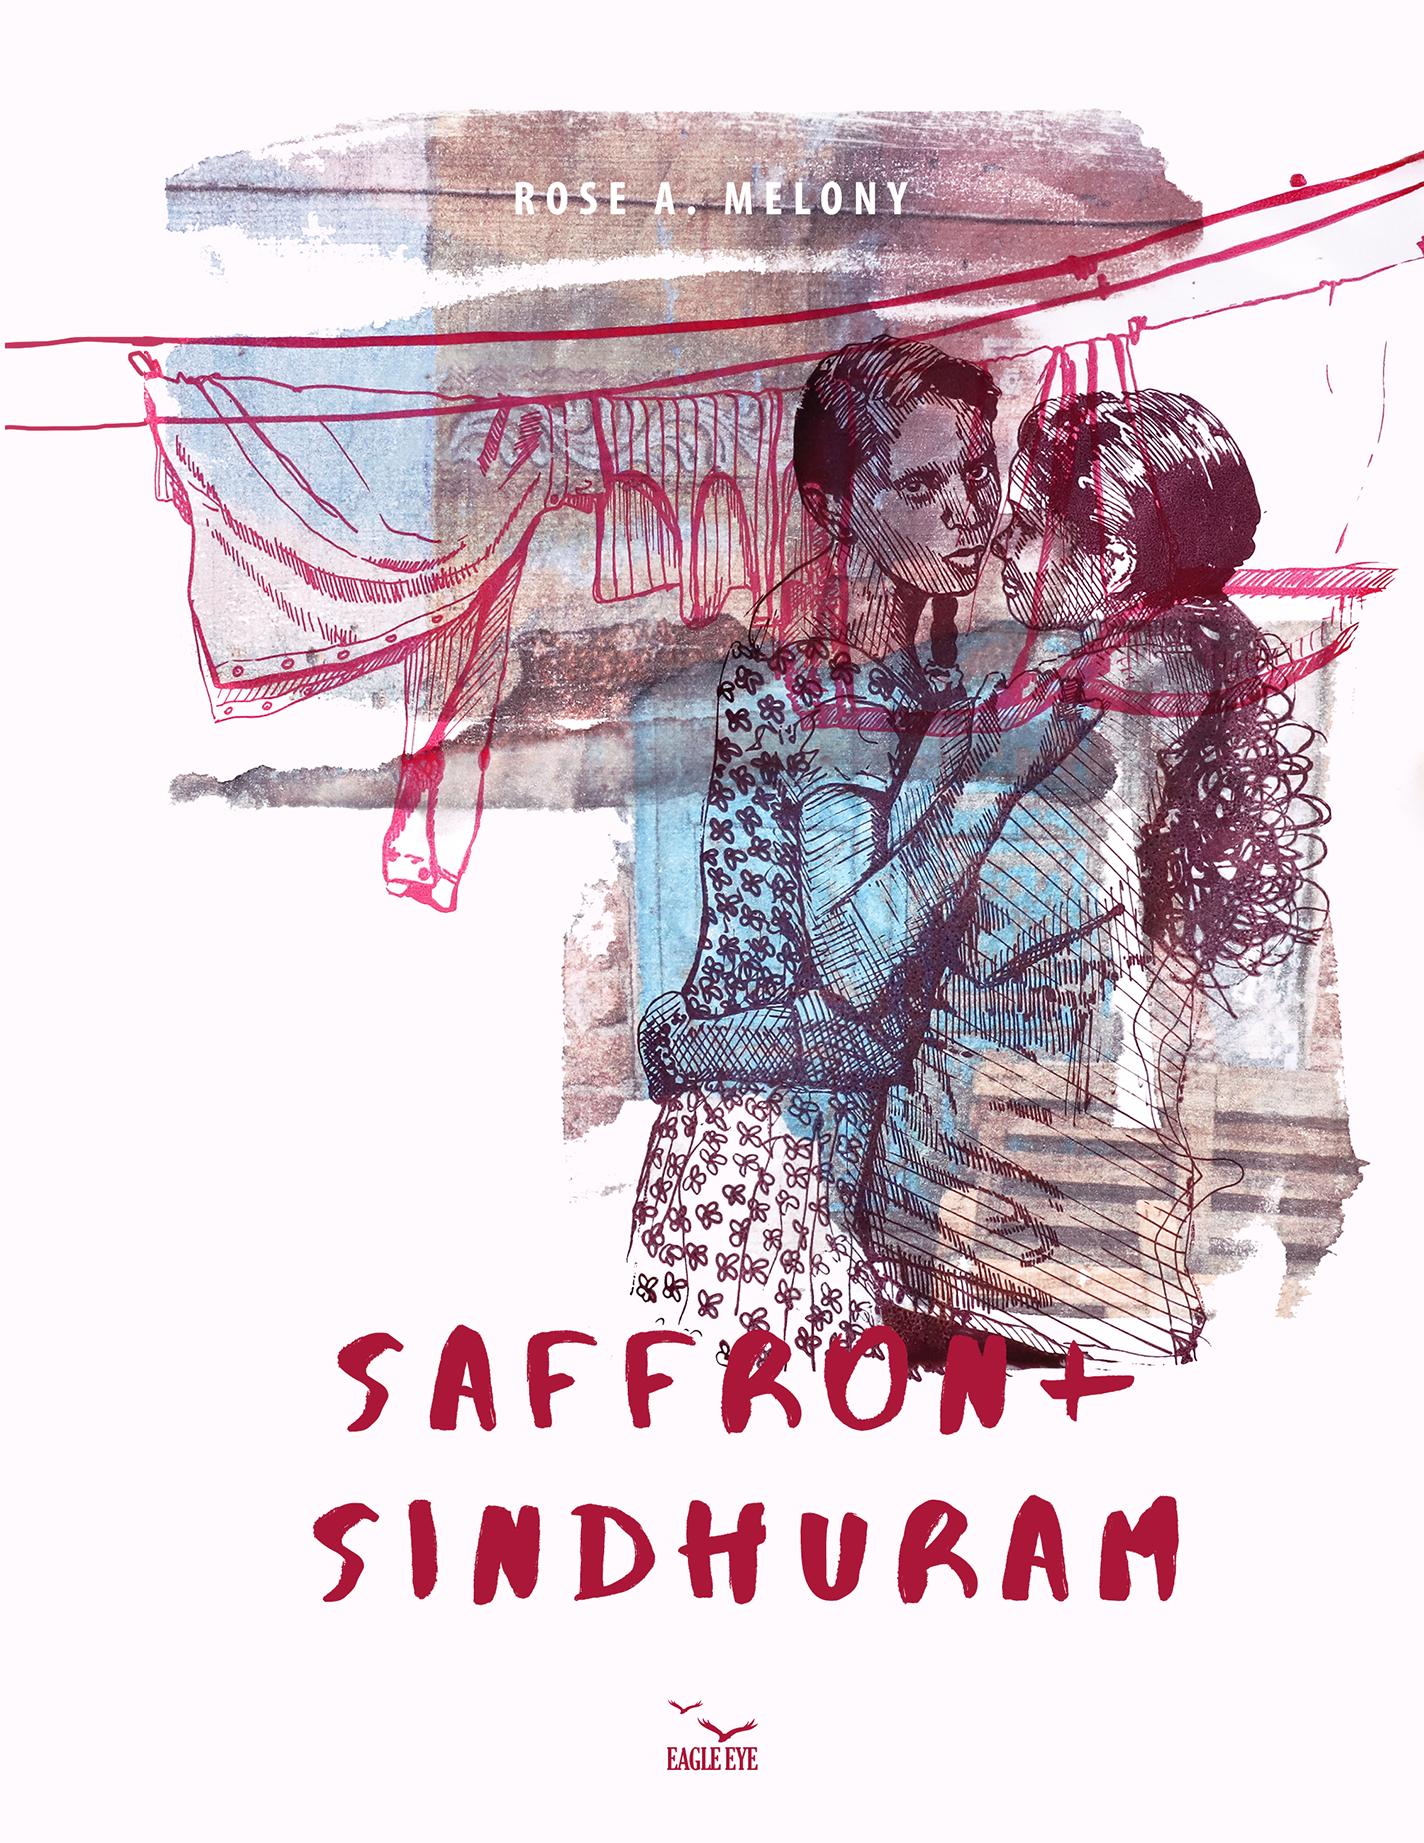 Saffron + Sindurham